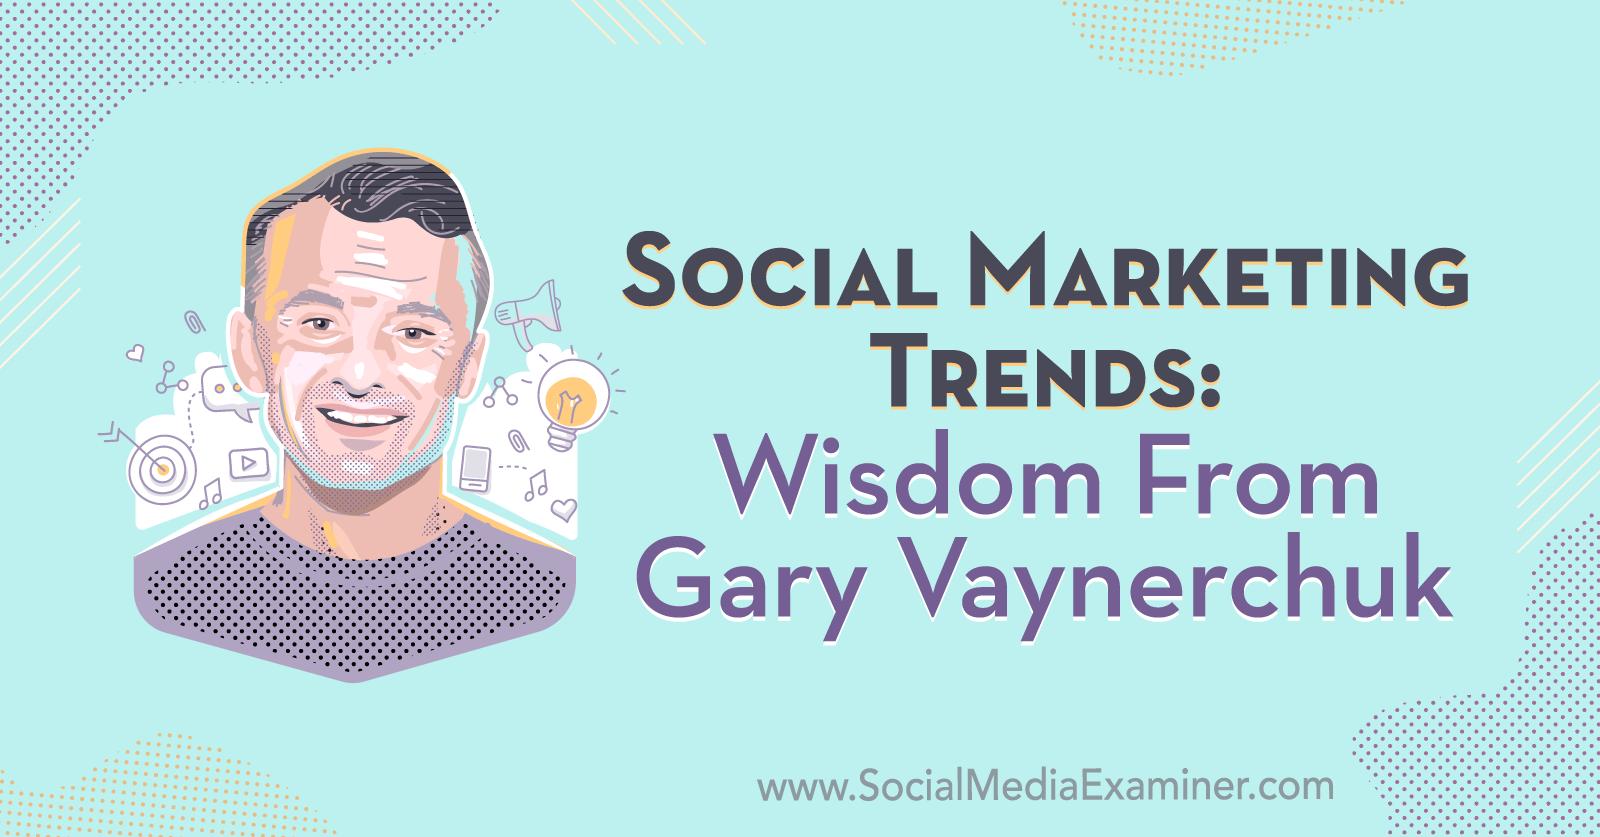 Social Marketing Trends Wisdom From Gary Vaynerchuk Social Media Examiner